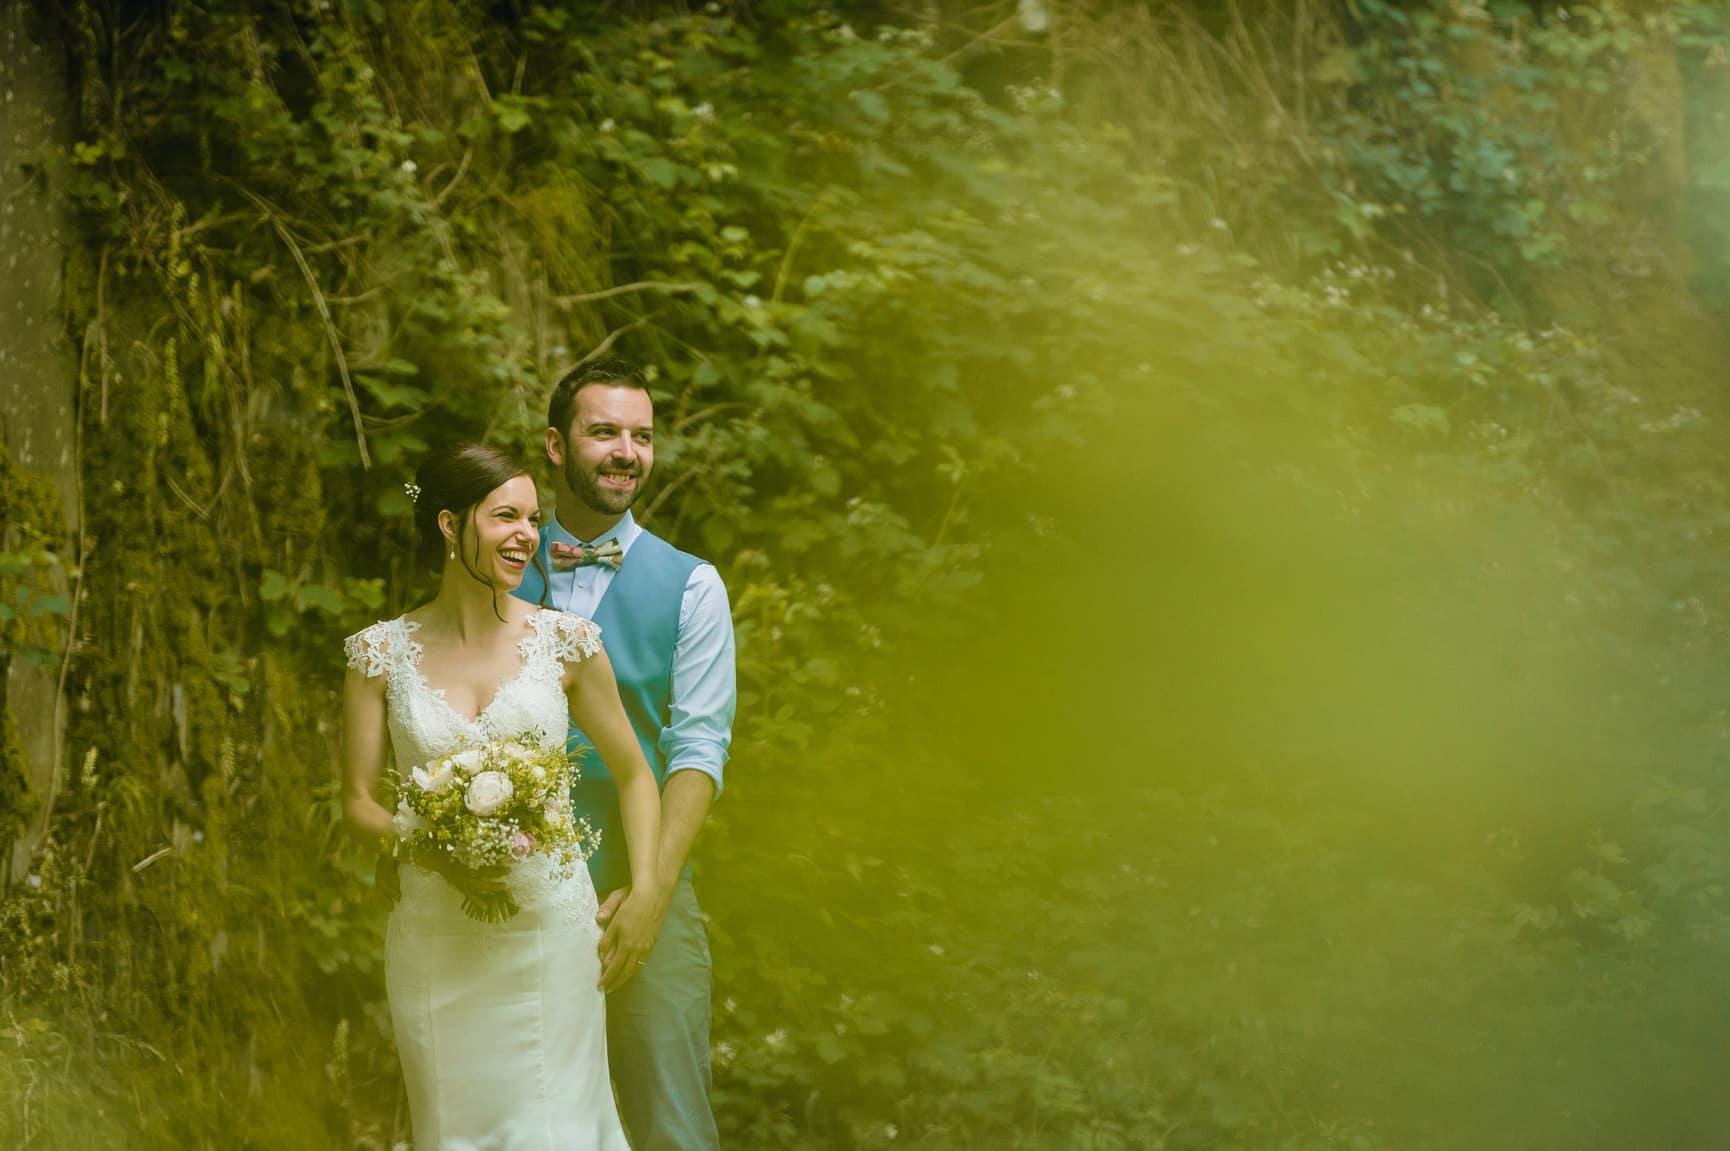 Fforest Wedding, Cardigan, Wales - Lauren and Gareth 184